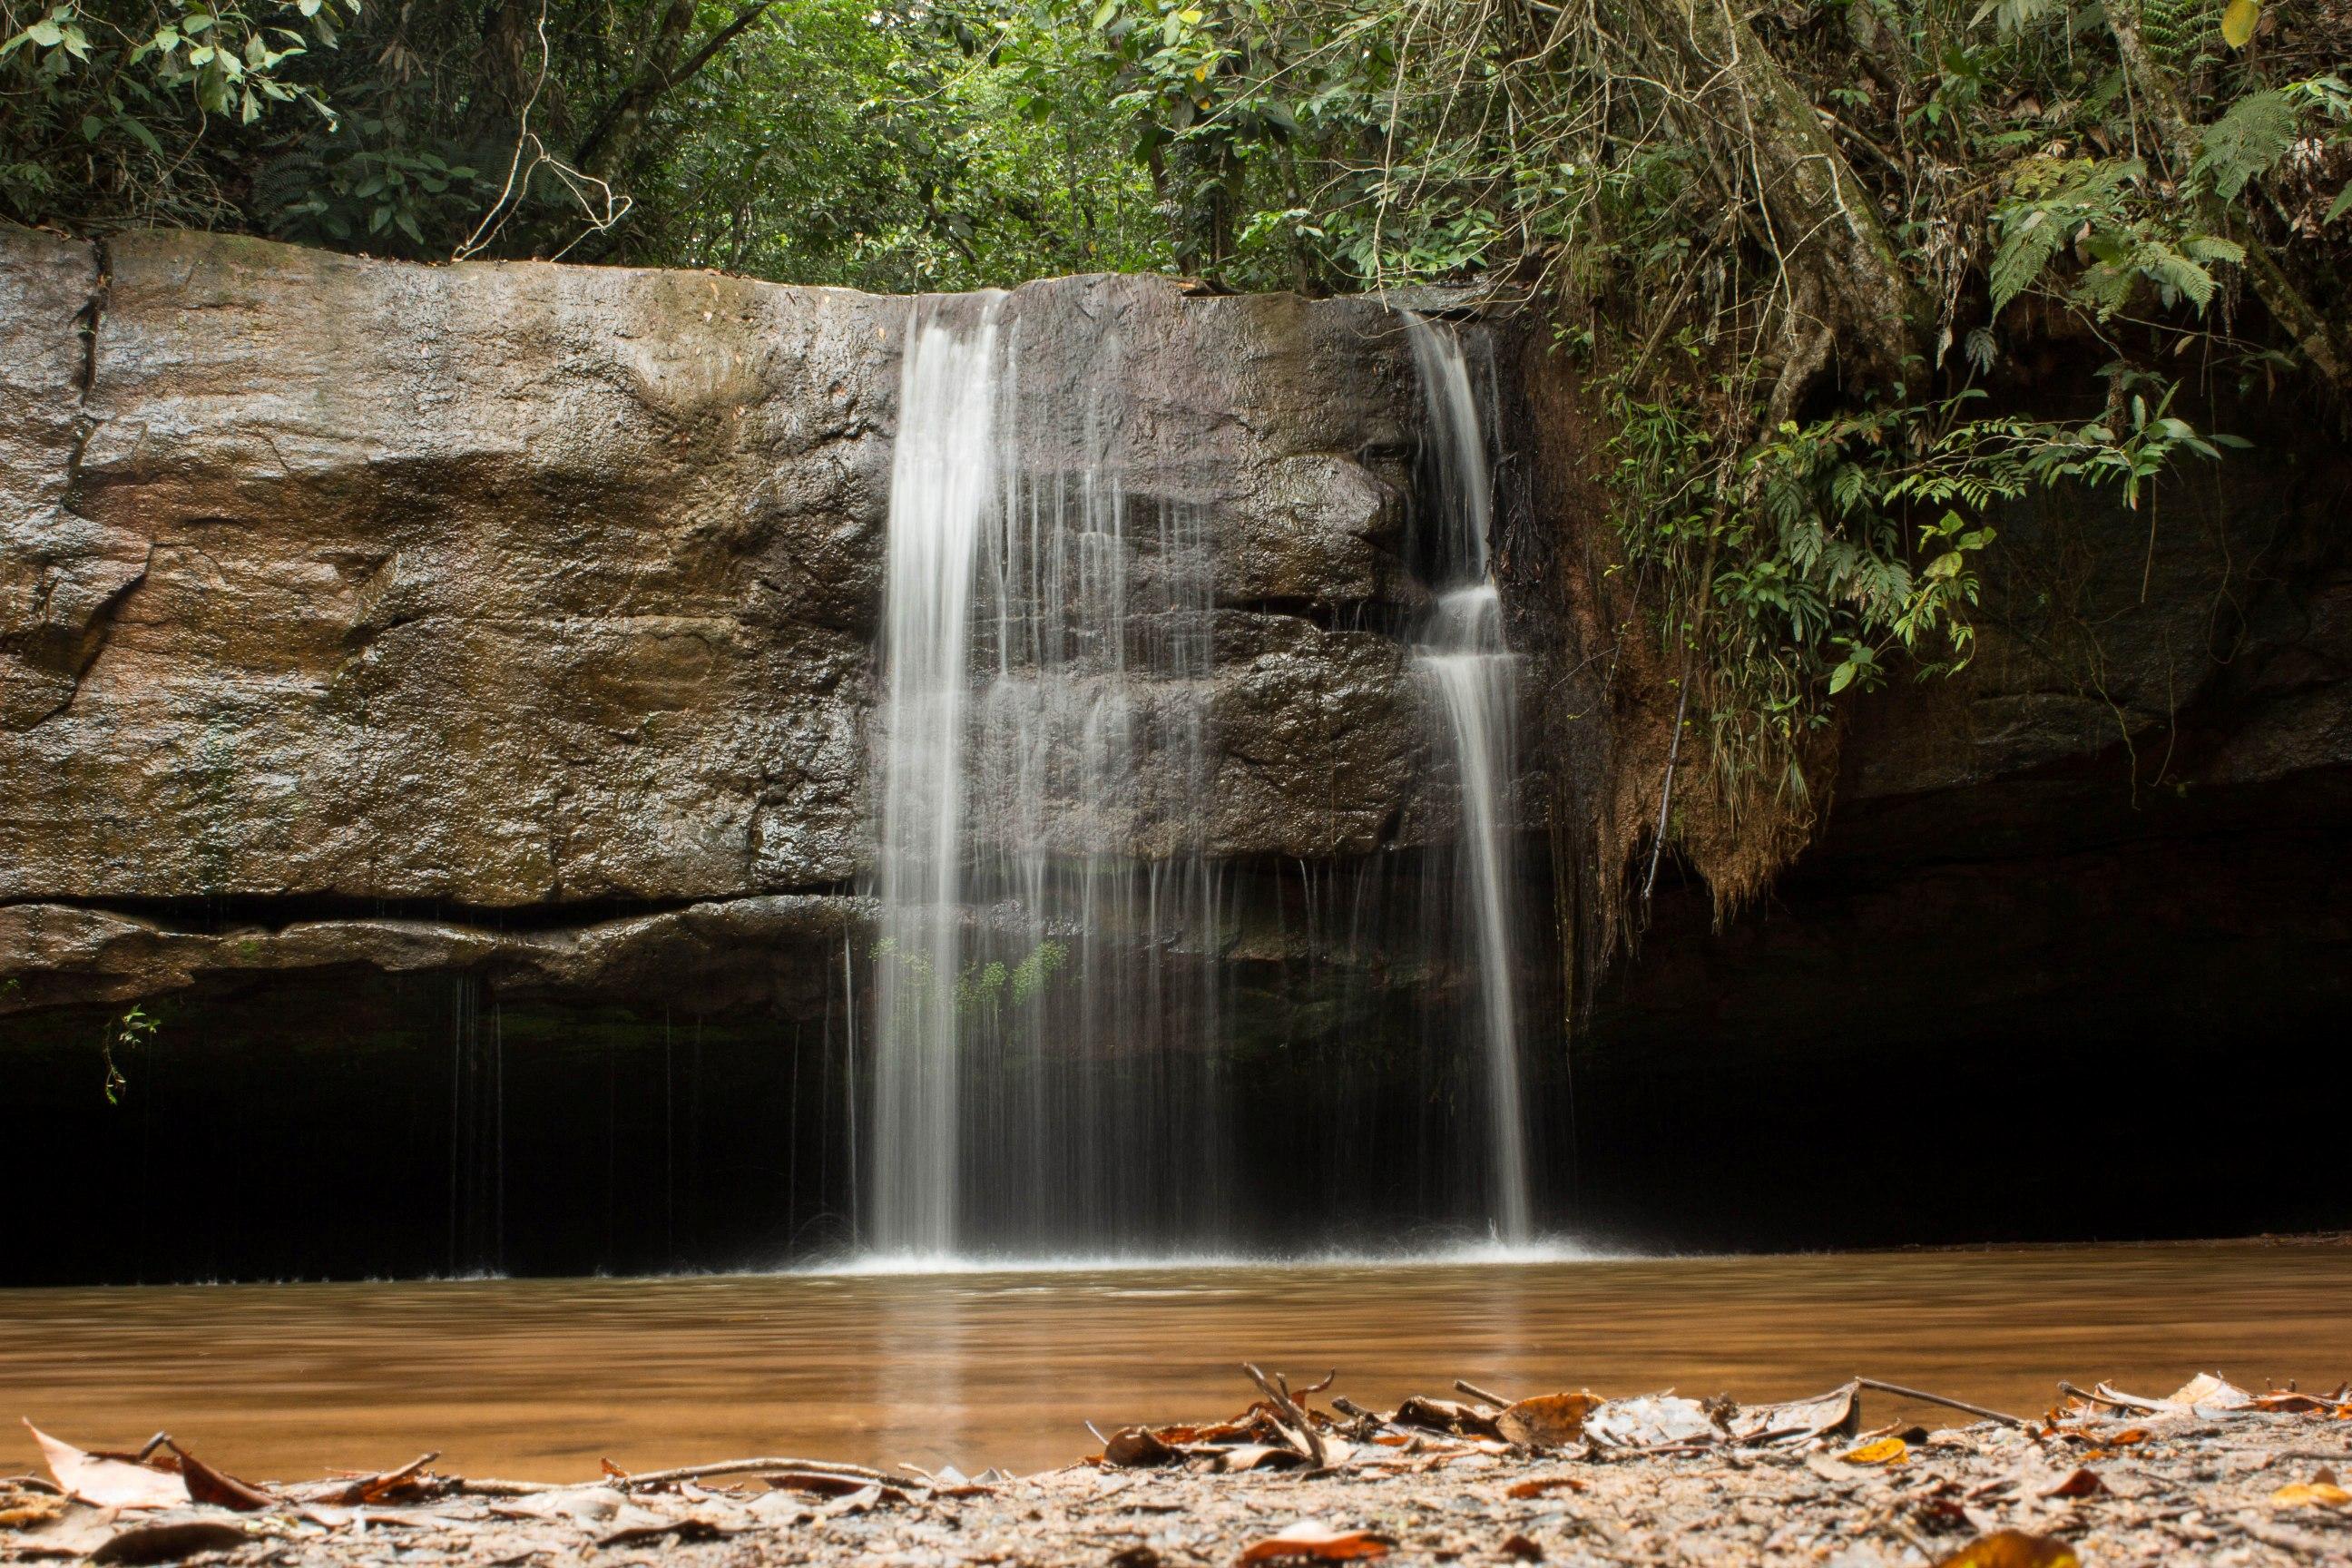 Cachoeirinha no parque nacional da chapada dos guimarães